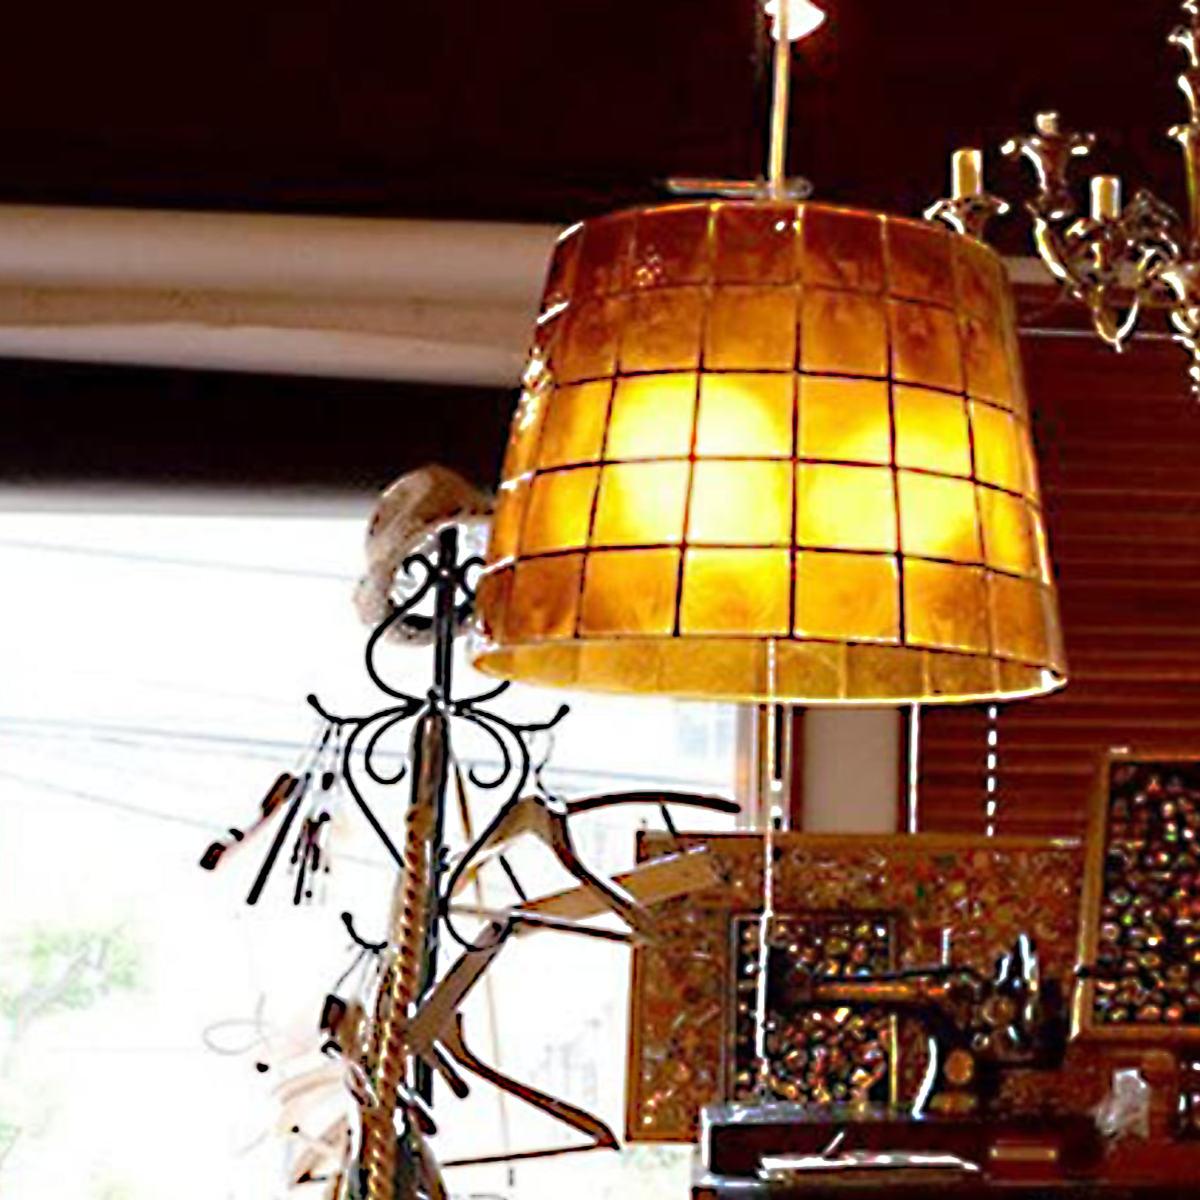 天井 3灯式 アンティーク ペンダントライト 送料無料 天然素材 デザイン照明 LED ) 北欧 アンバー 照明 Roxas レトロ シーリングライト 電球対応 ( LuCerca